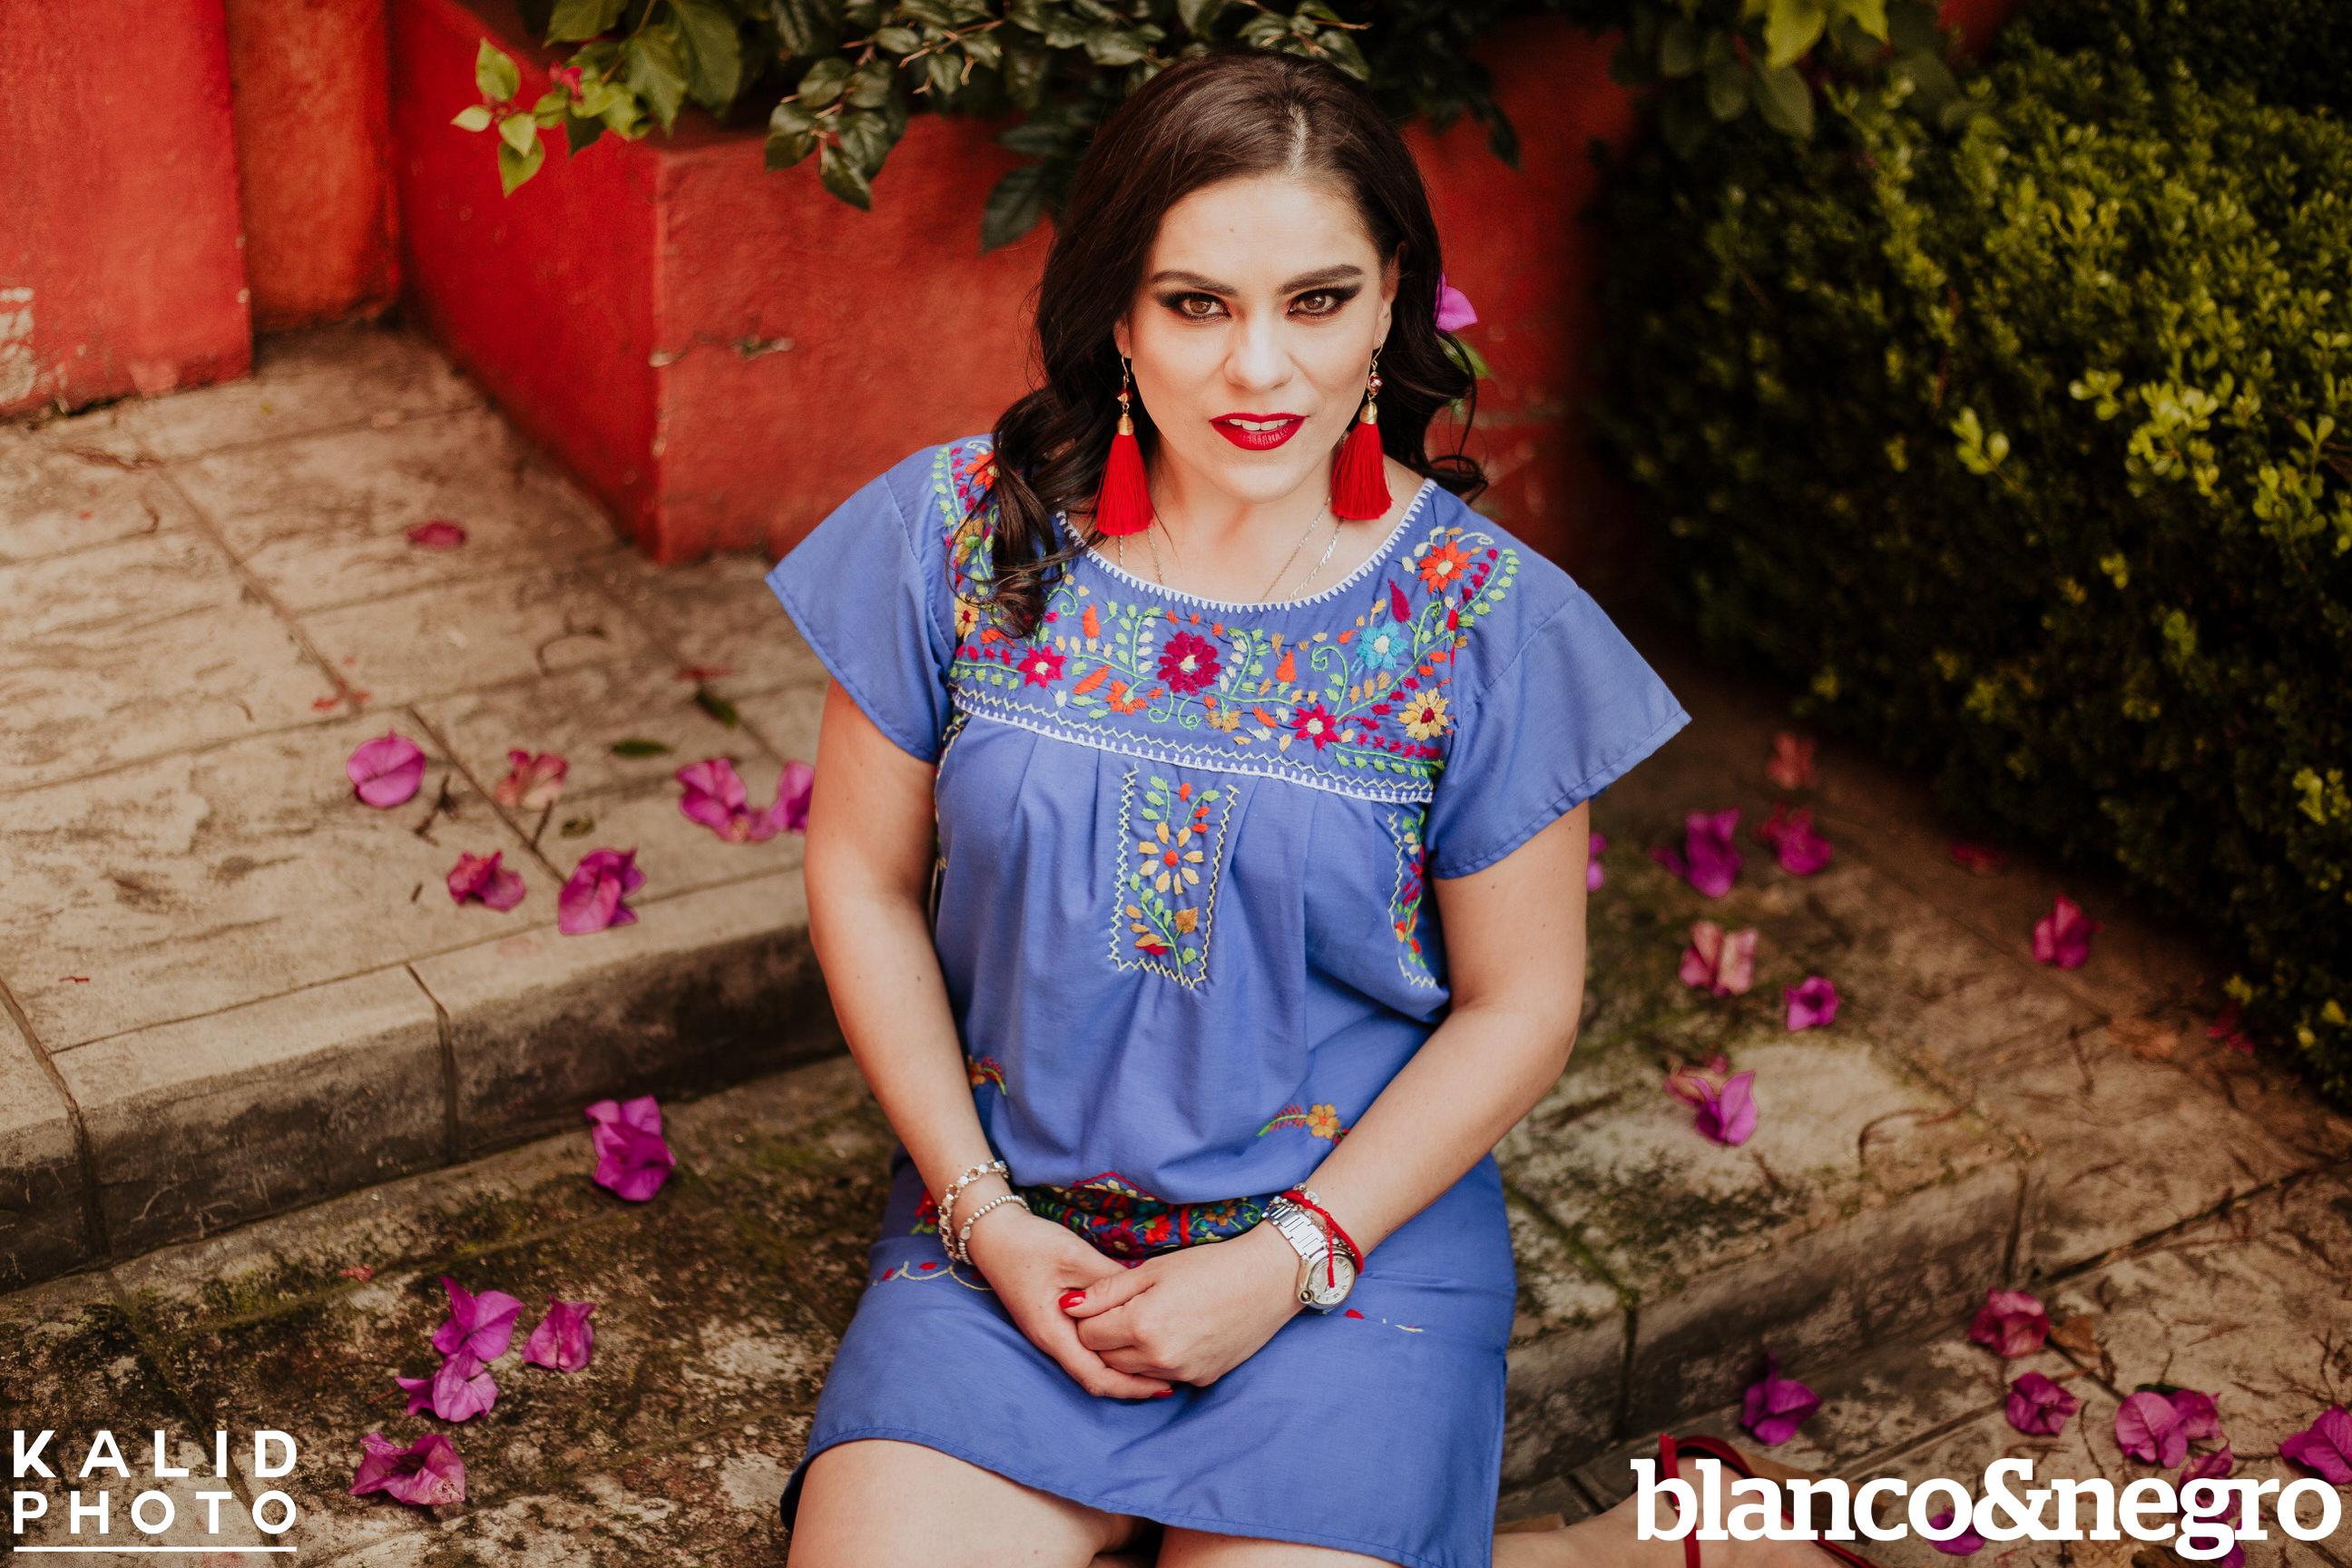 Mayra-BlancoYnegro-481